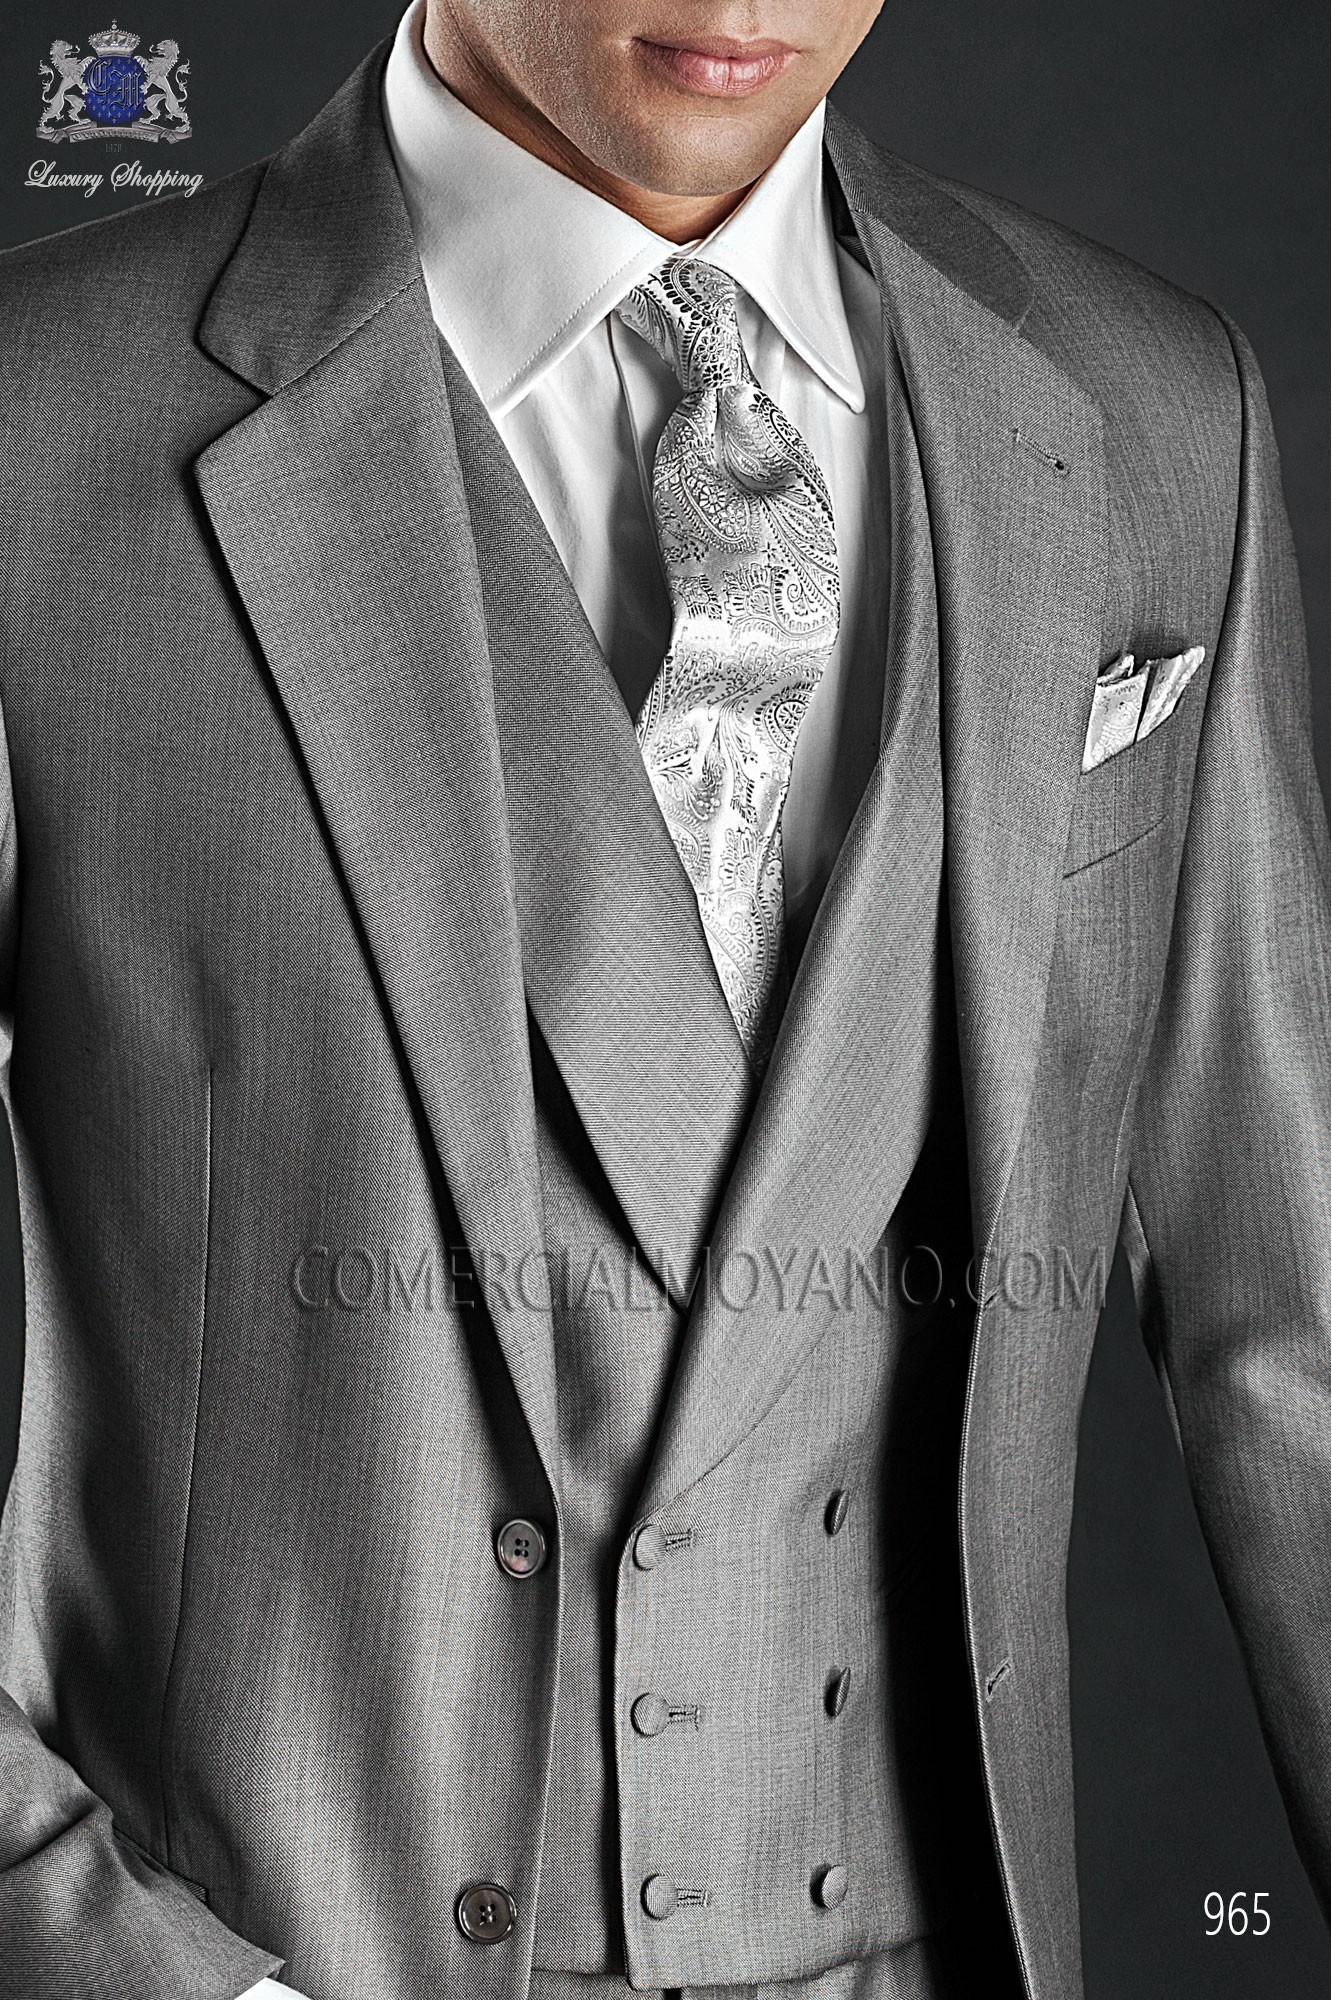 Traje Gentleman de novio gris modelo: 965 Ottavio Nuccio Gala colección Gentleman 2017